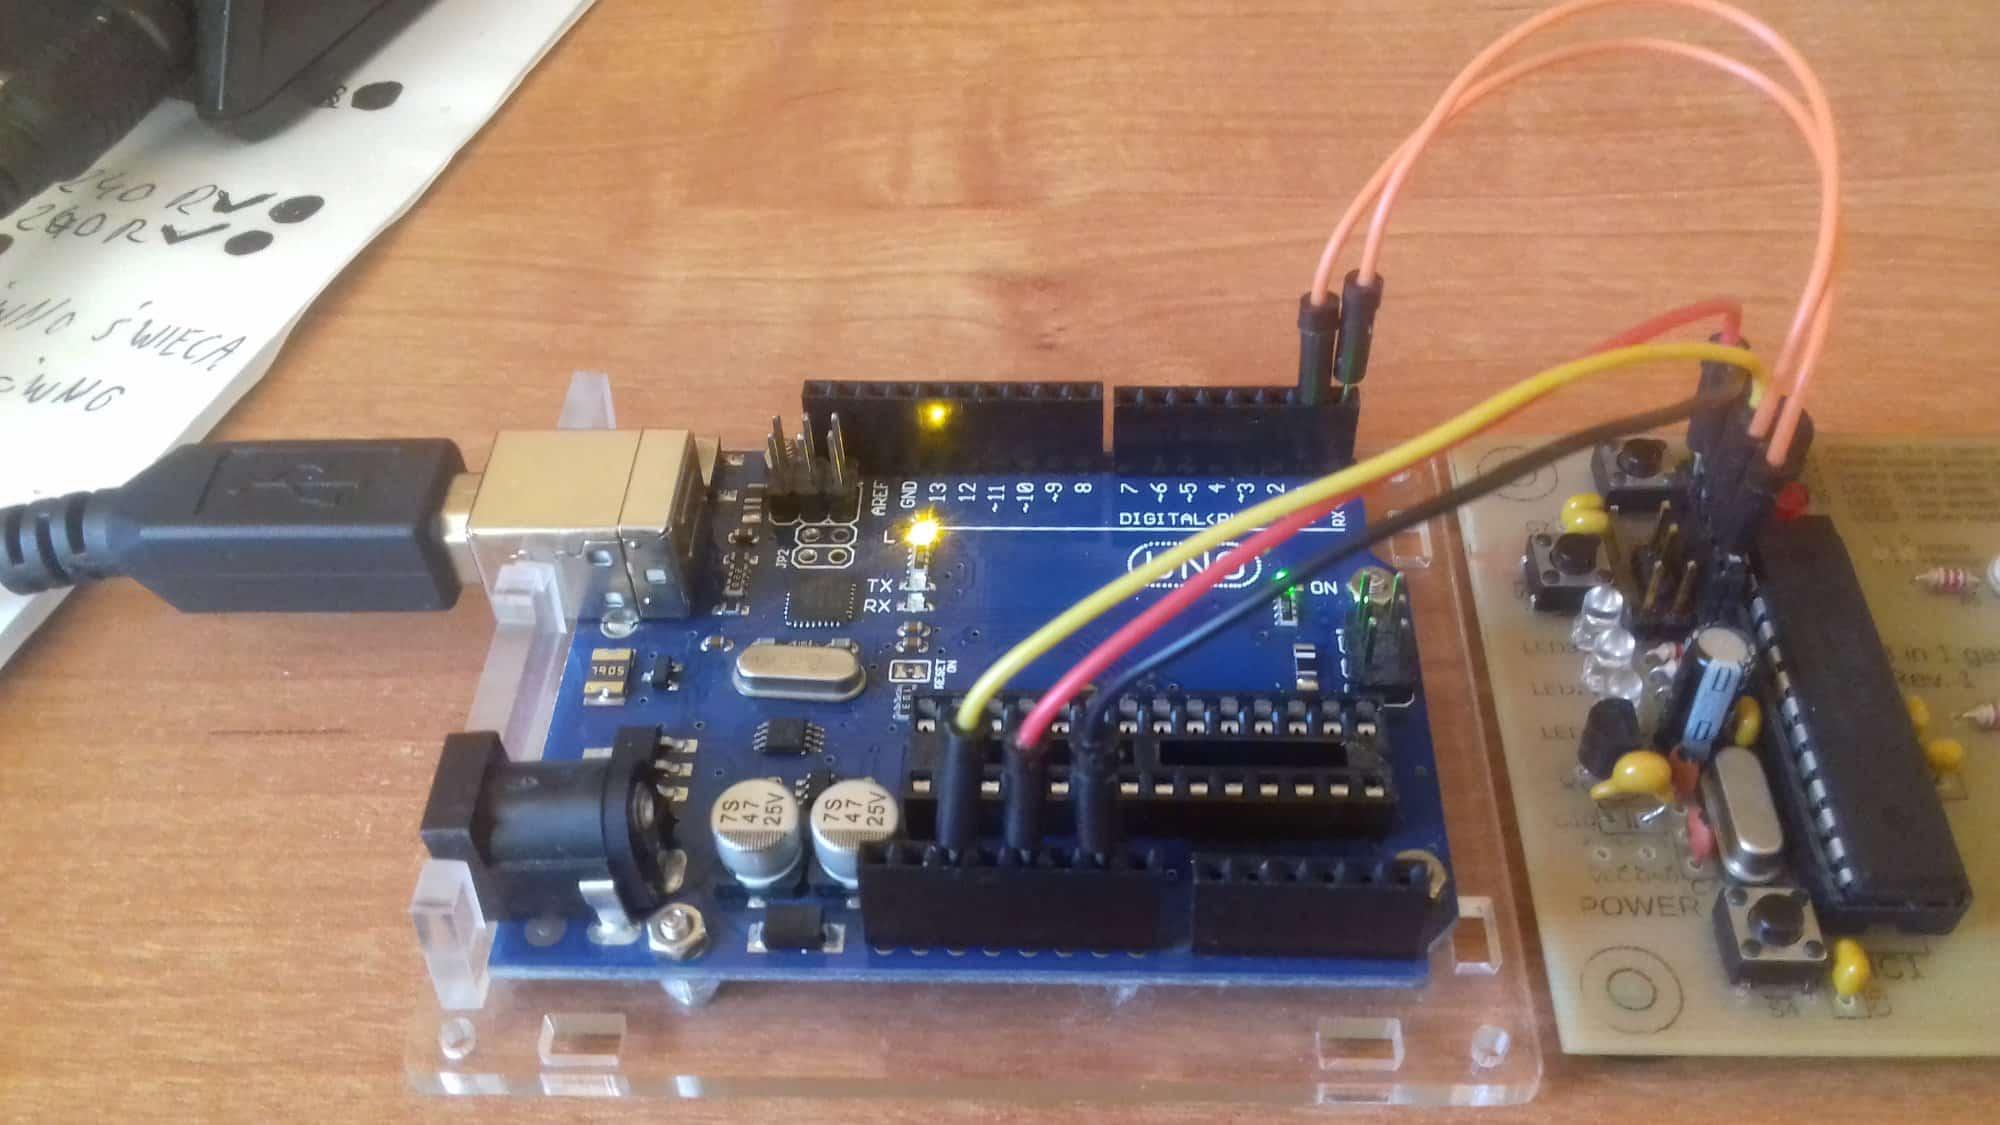 Sposoby wgrywania skeczy z Arduino IDE w gotowych projektach. Zamiana procesora w Arduino UNO i jego klonach THT 28pin